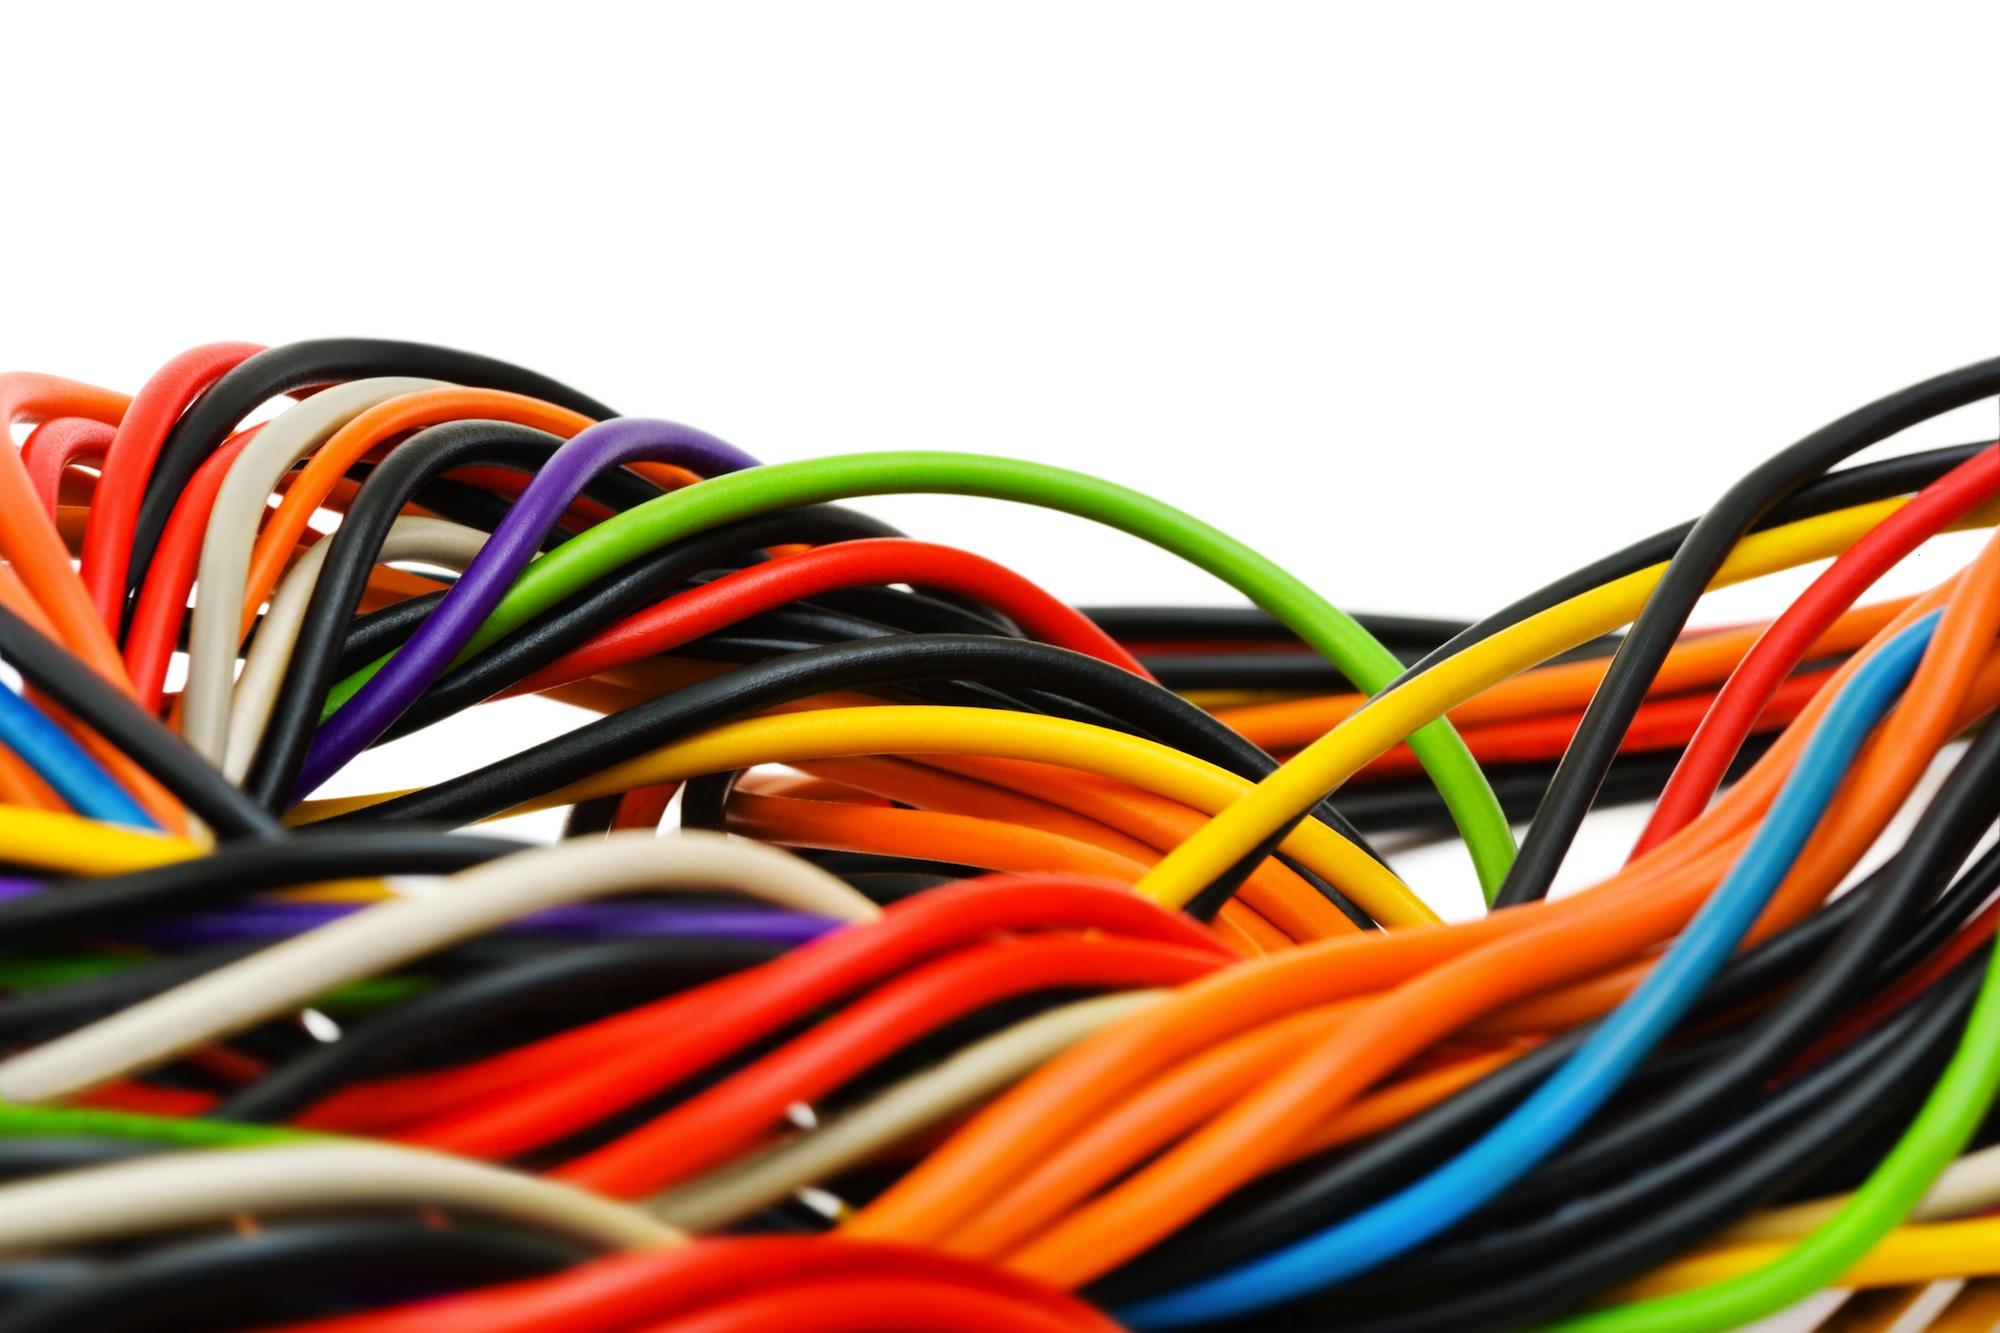 Intel-Bizlink D38473-002 Sata Cable 36